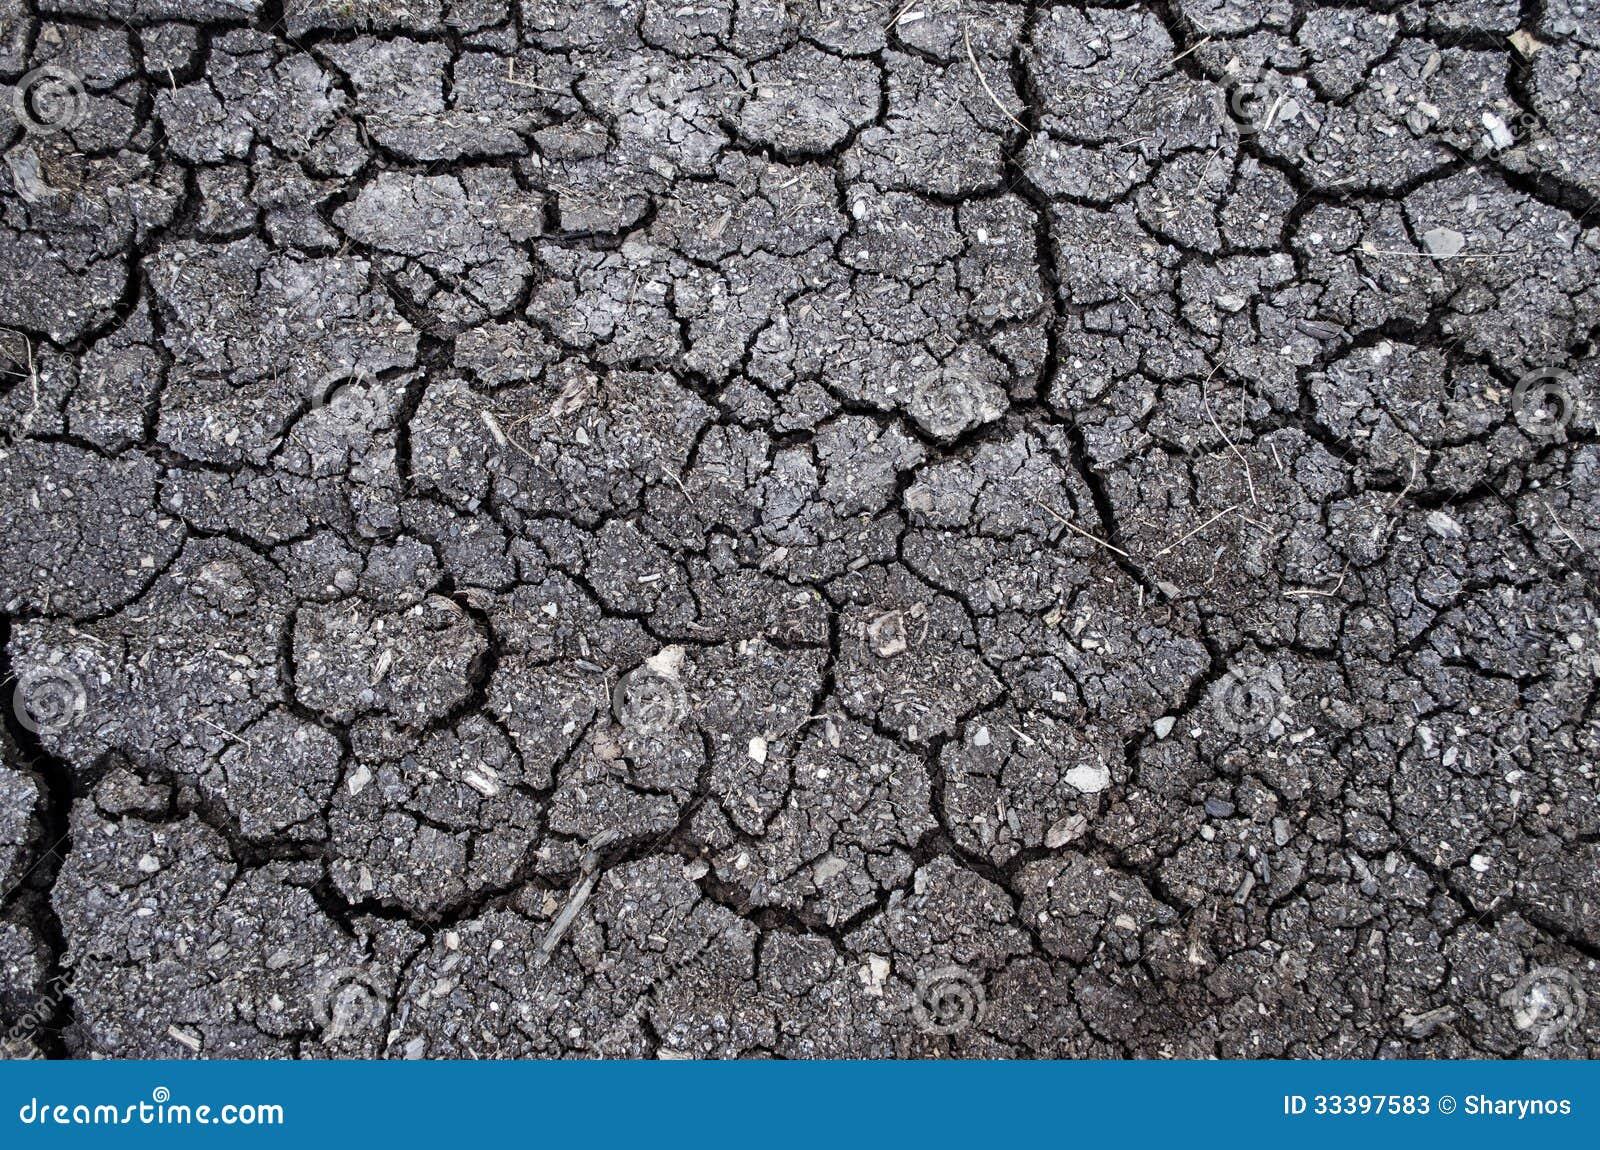 cracked asphalt background stock photos image 33397583